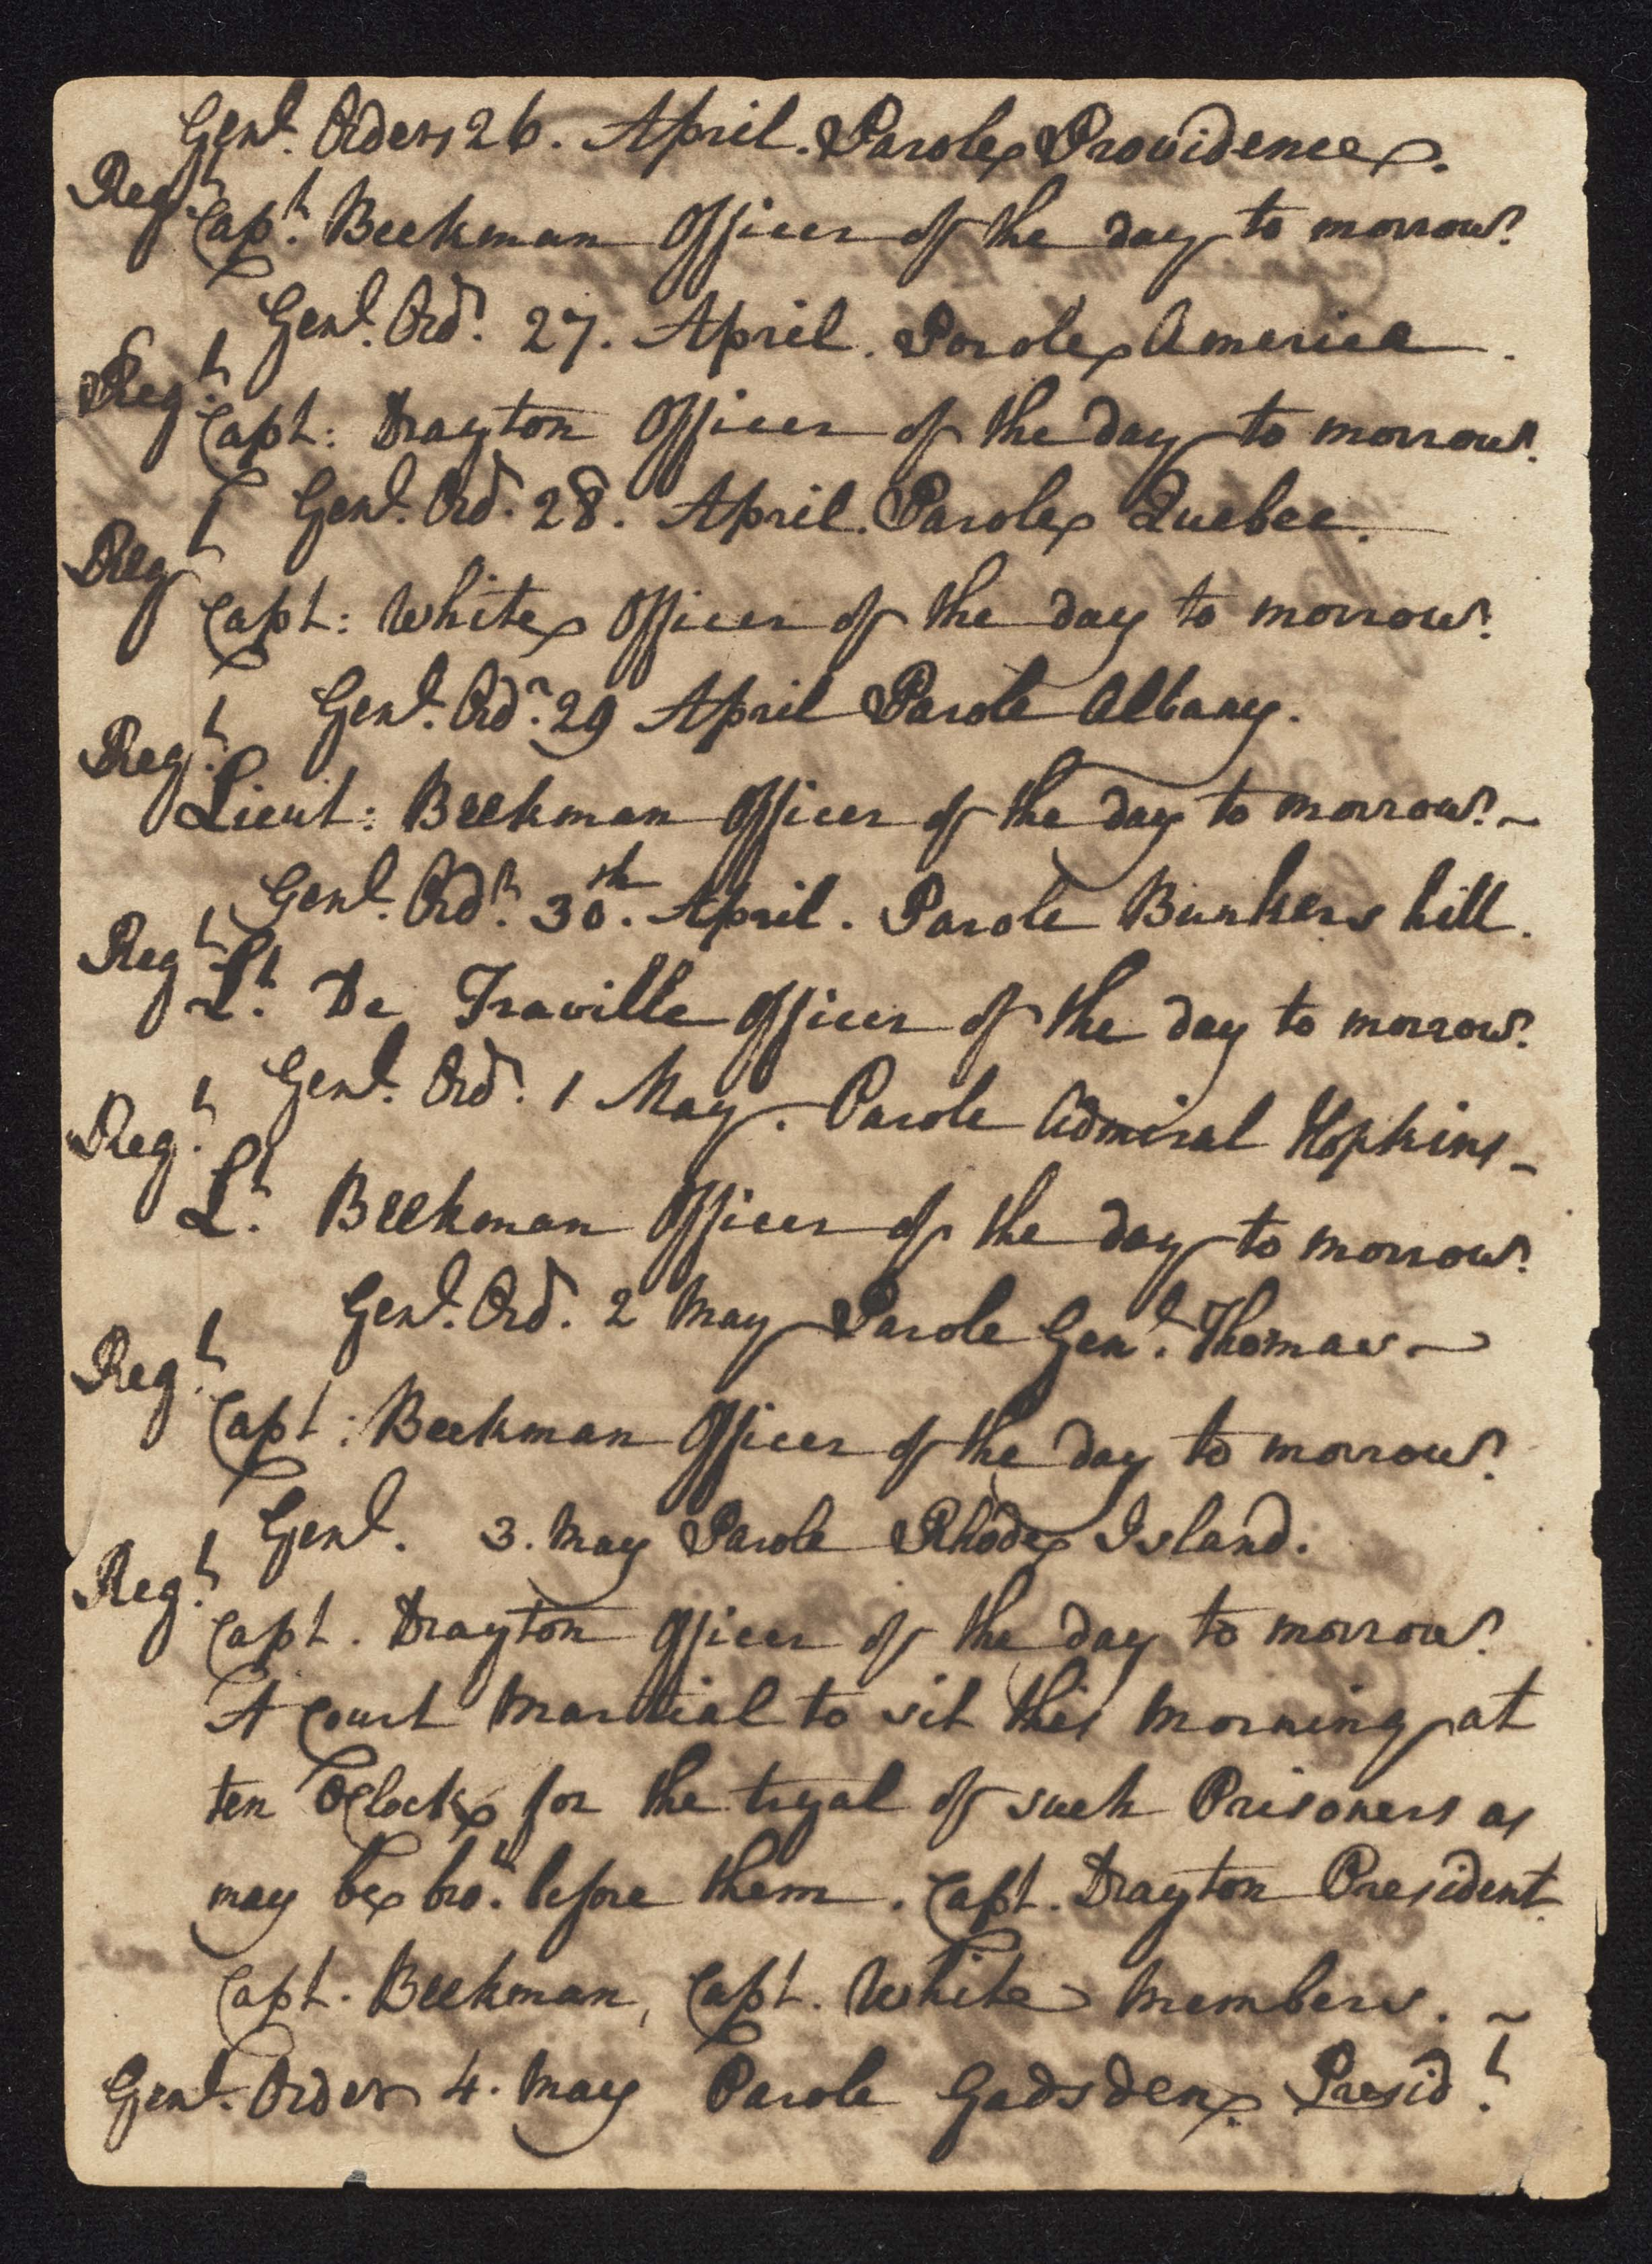 South Carolina Regiment Order Book, Page 96